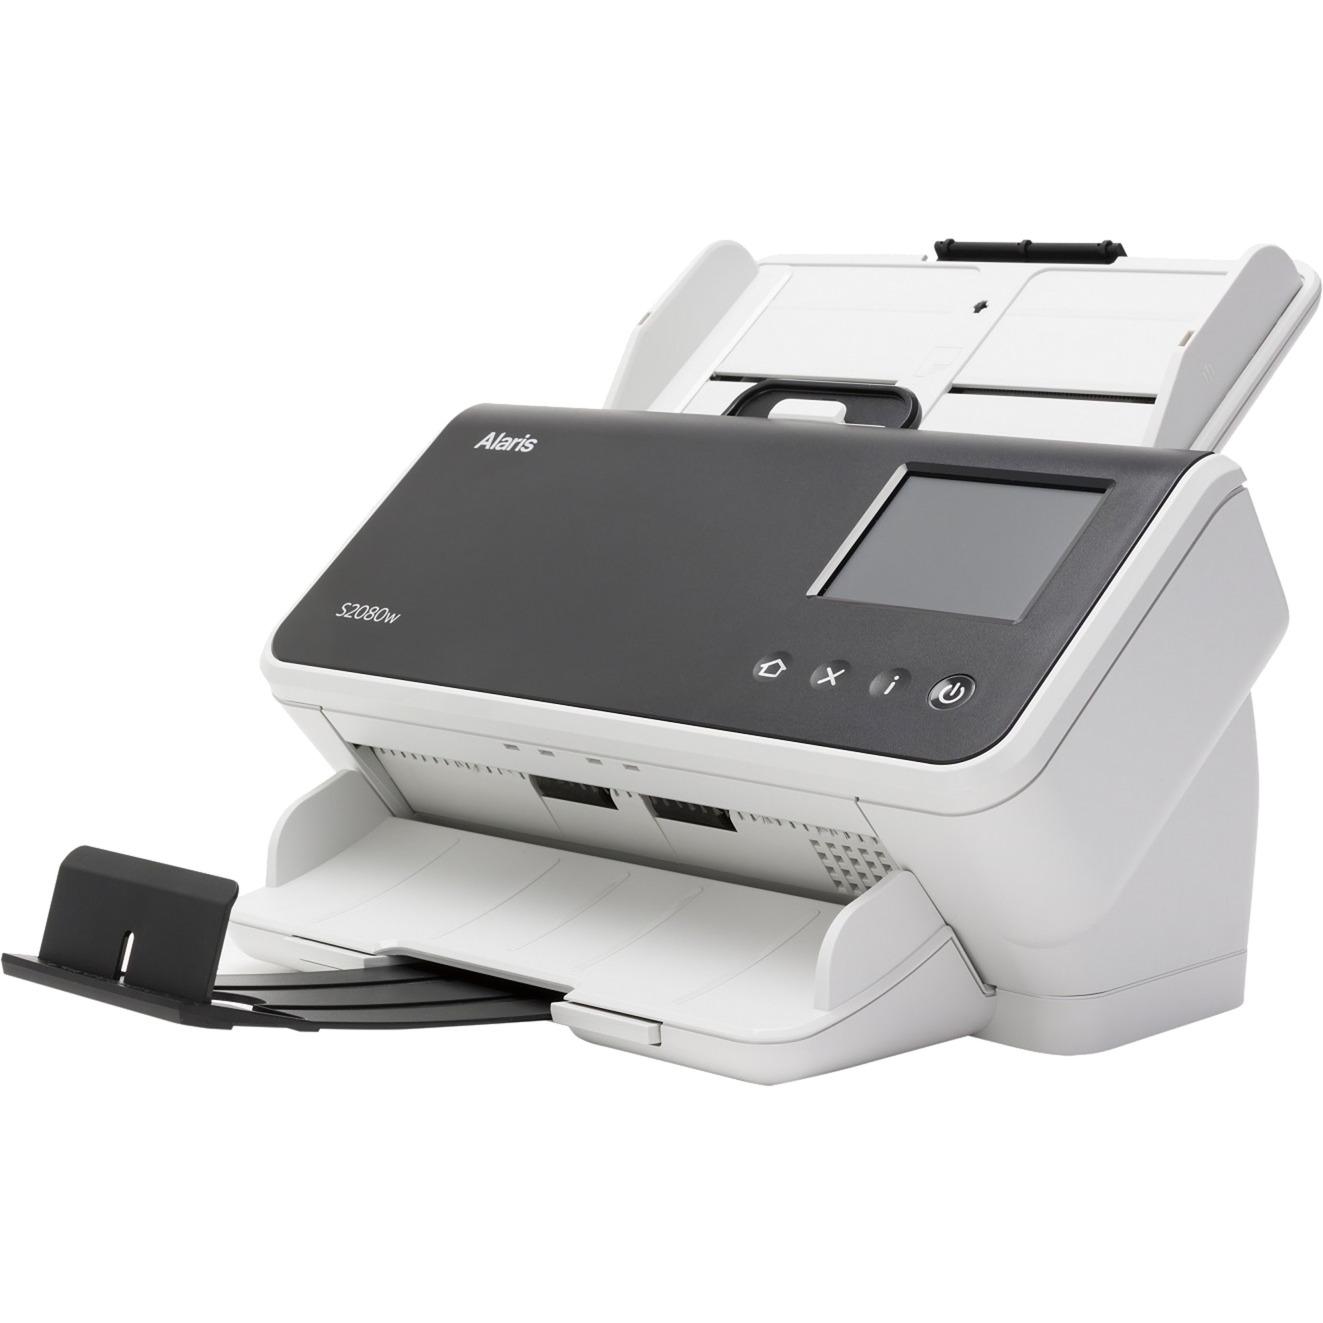 ALARIS S2080W Scanner Escáner con alimentador automático de documentos (ADF) 600 x 600DPI A3 Negro, Blanco